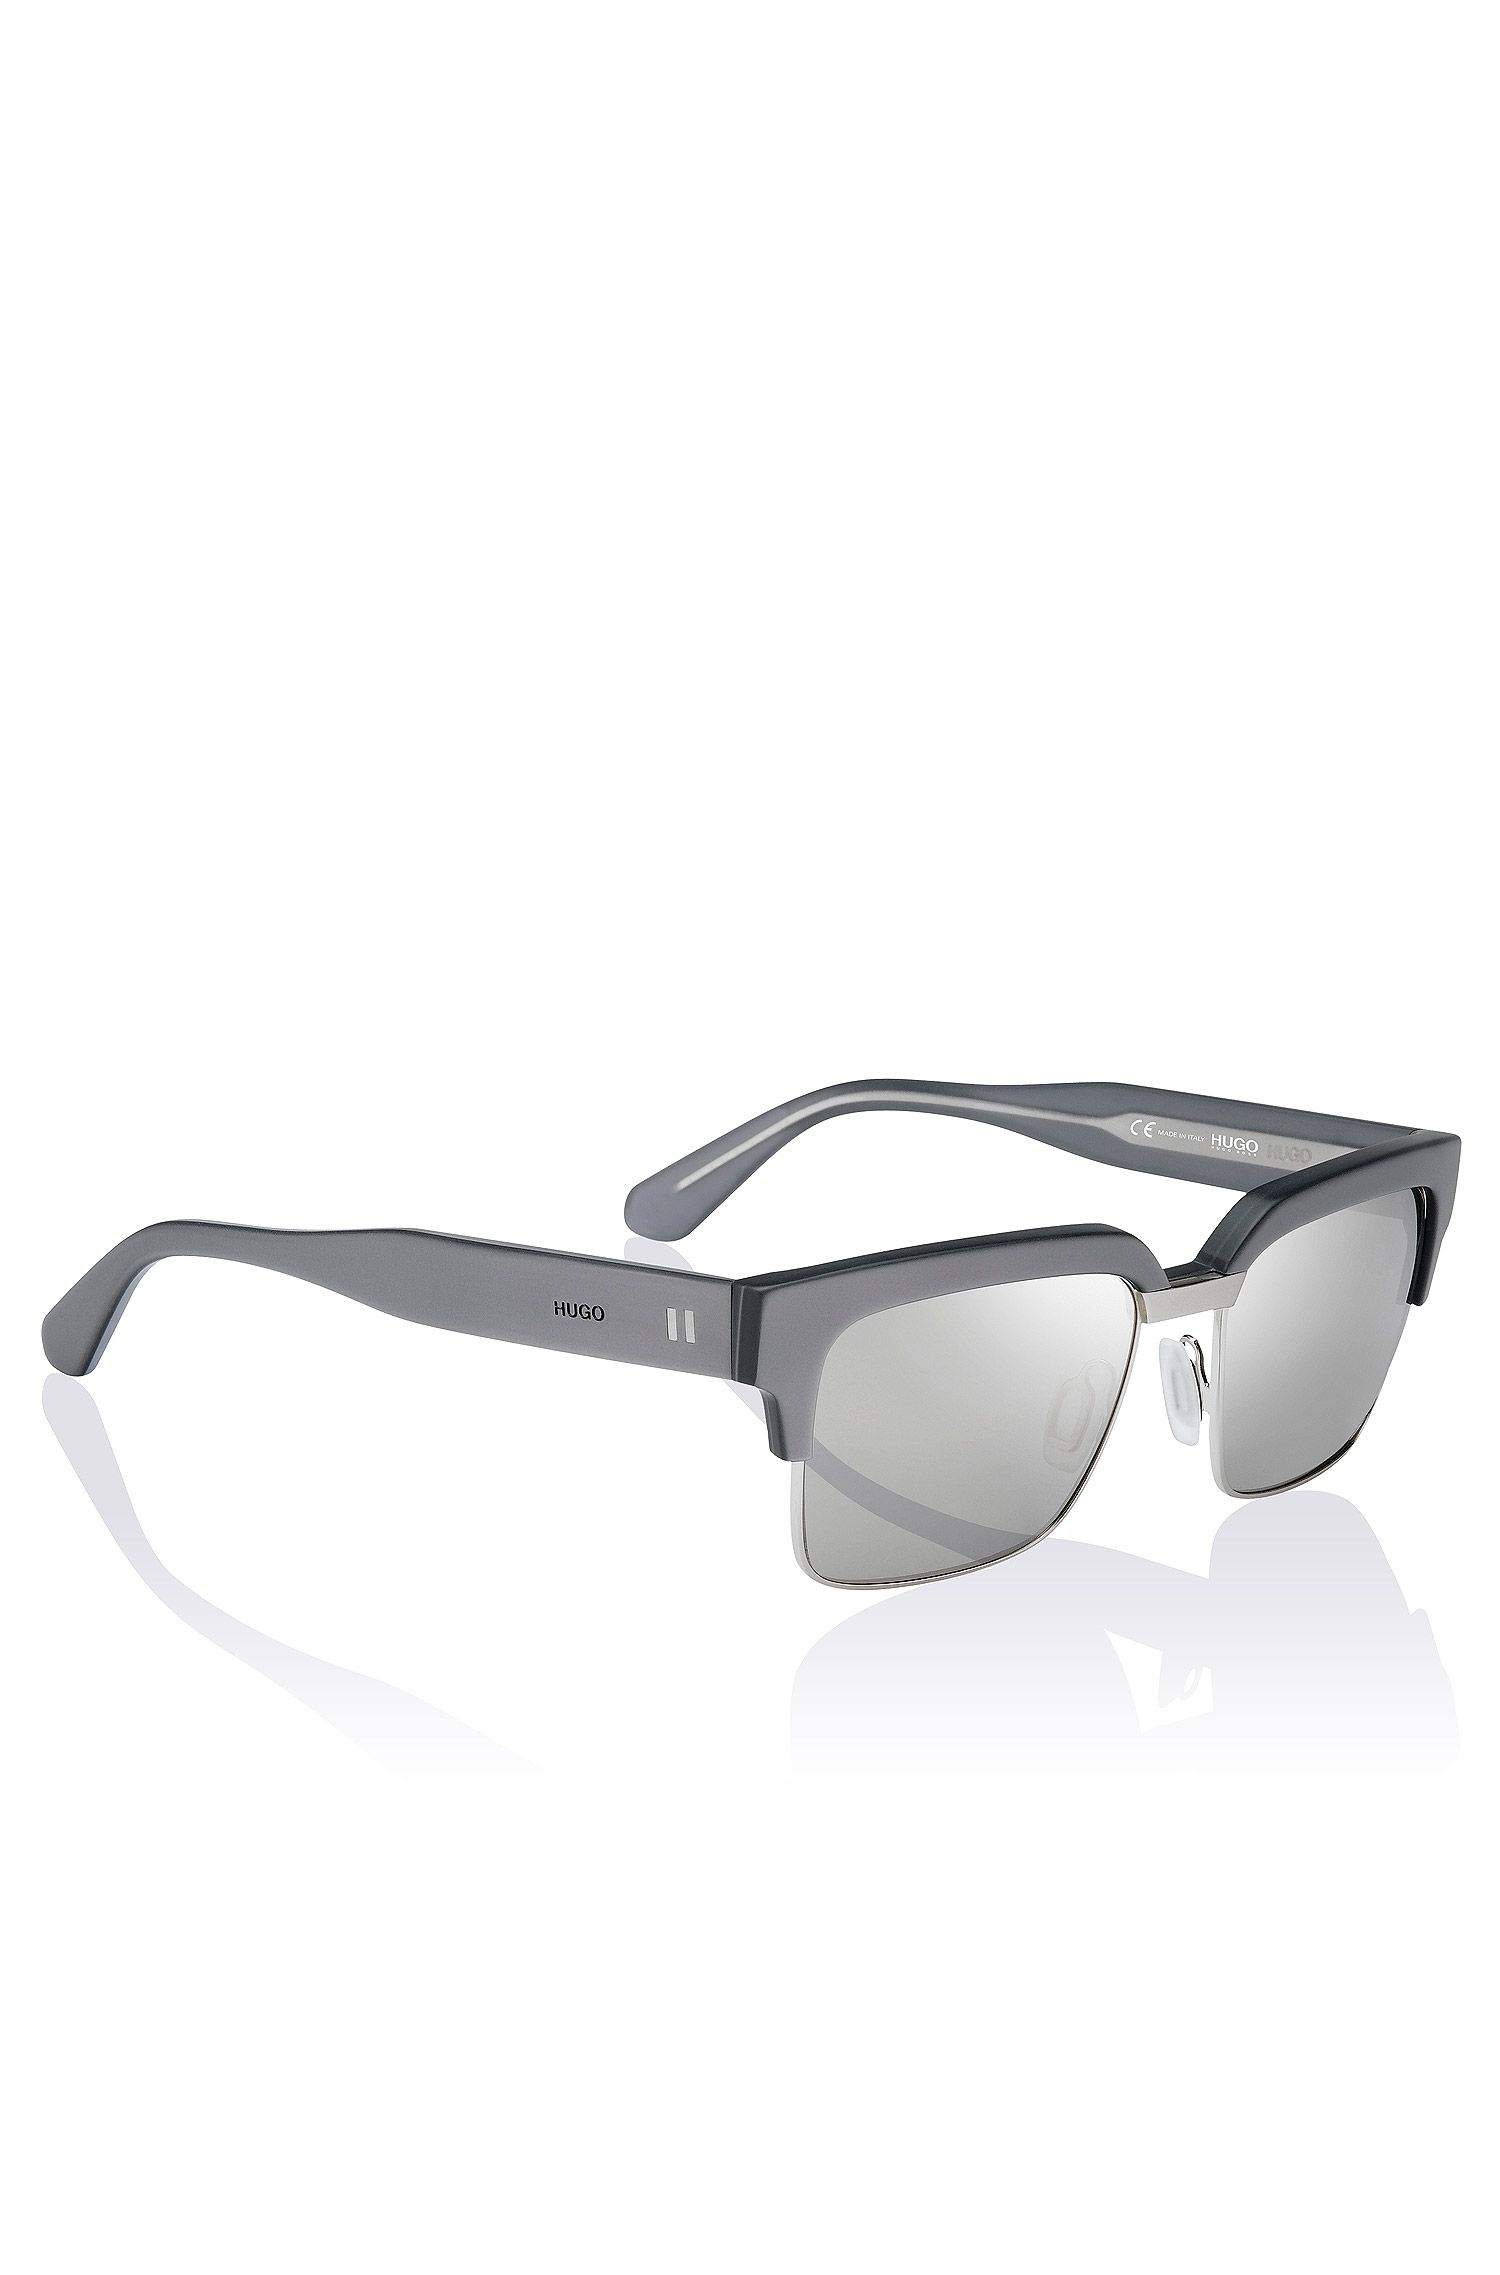 Sunglasses 'HUGO 0118/S'